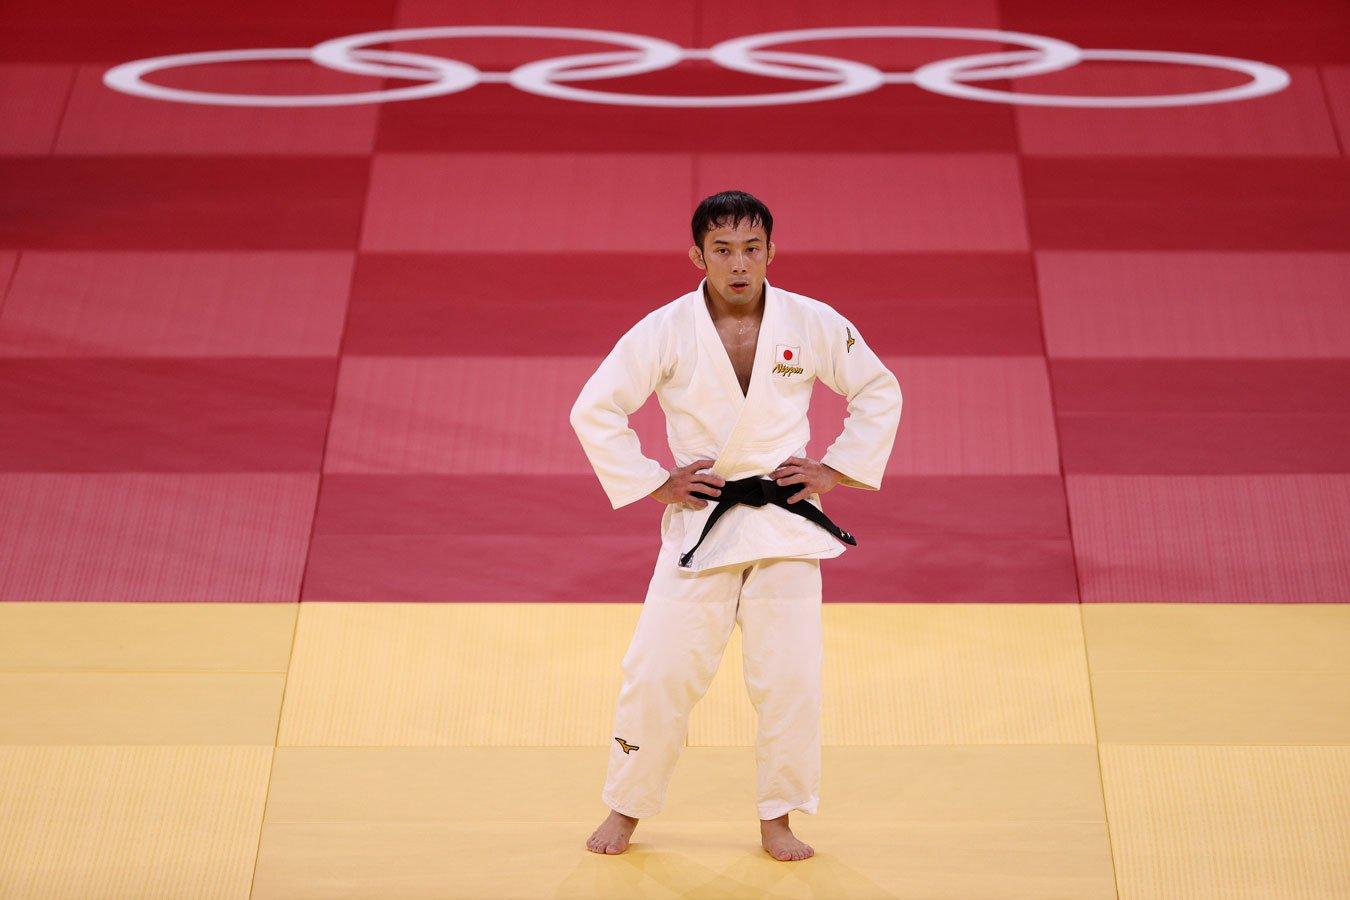 Японский дзюдоист Наохиса Такато завоевал золото Олимпиады-2020 в категории до 60 кг